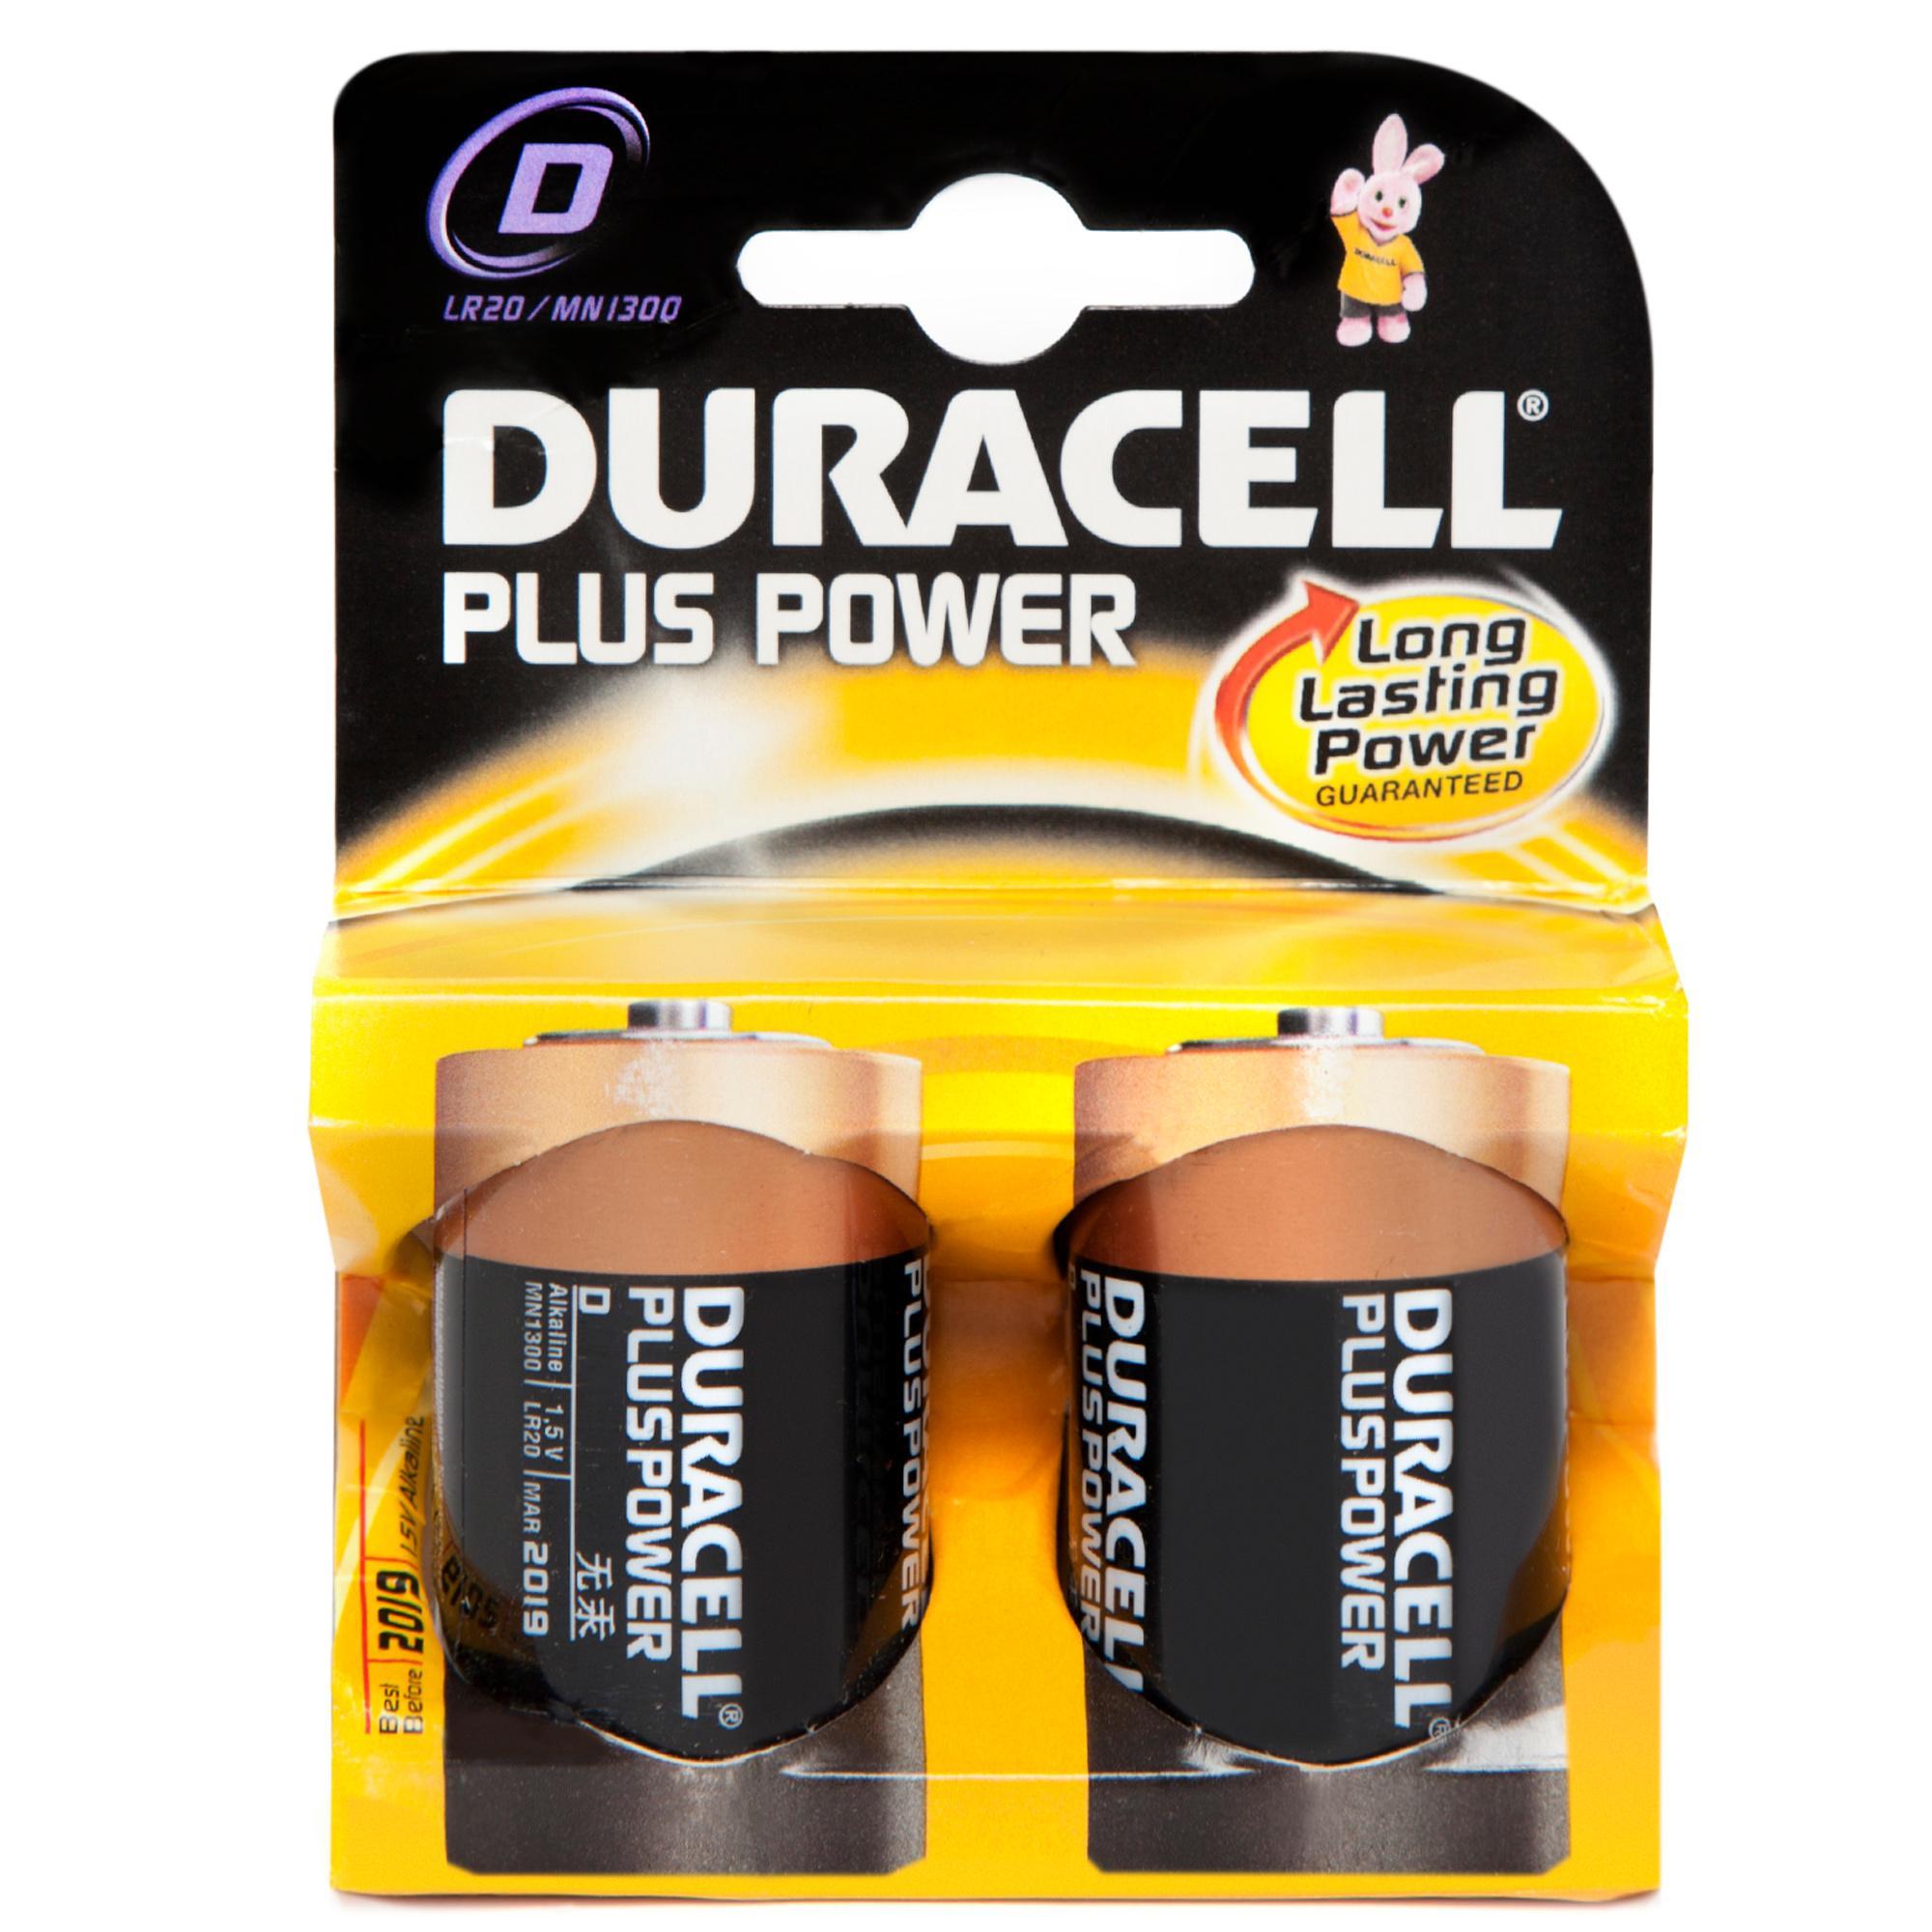 Duracell Plus Power D2 Batteries 2 Pack, Black